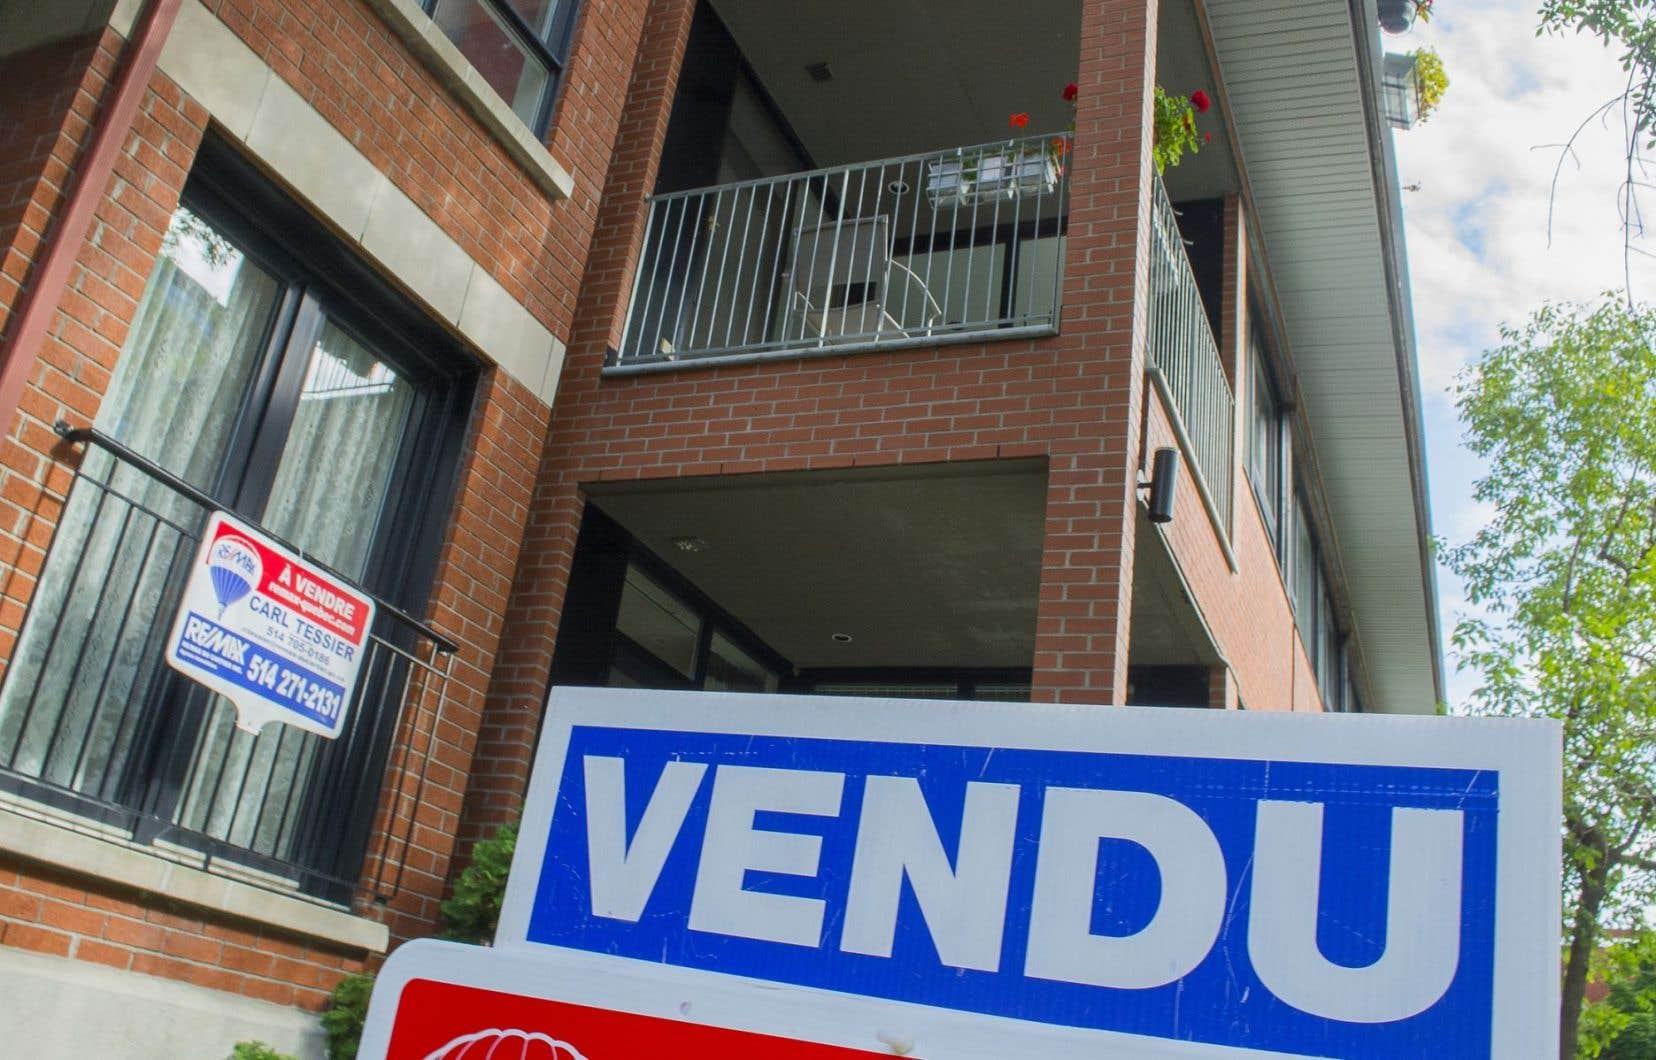 <p>Ces nouvelles règles de financement hypothécaire en vigueur depuis lundi se traduiront par une réduction de l'accès à la propriété.</p>